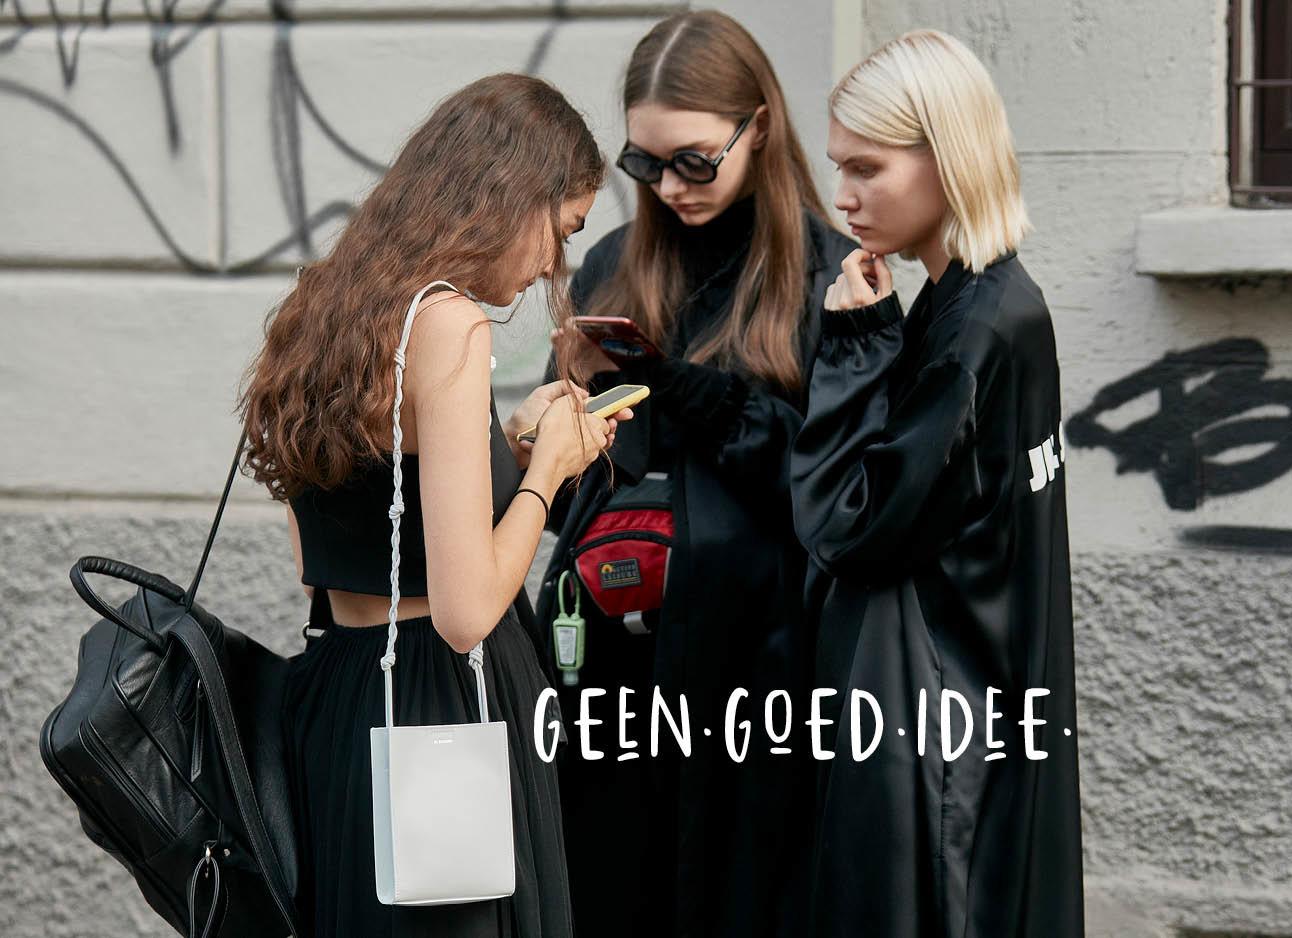 drie vrouwen staan op straat met zwarte kleding op hun telefoon te kijken